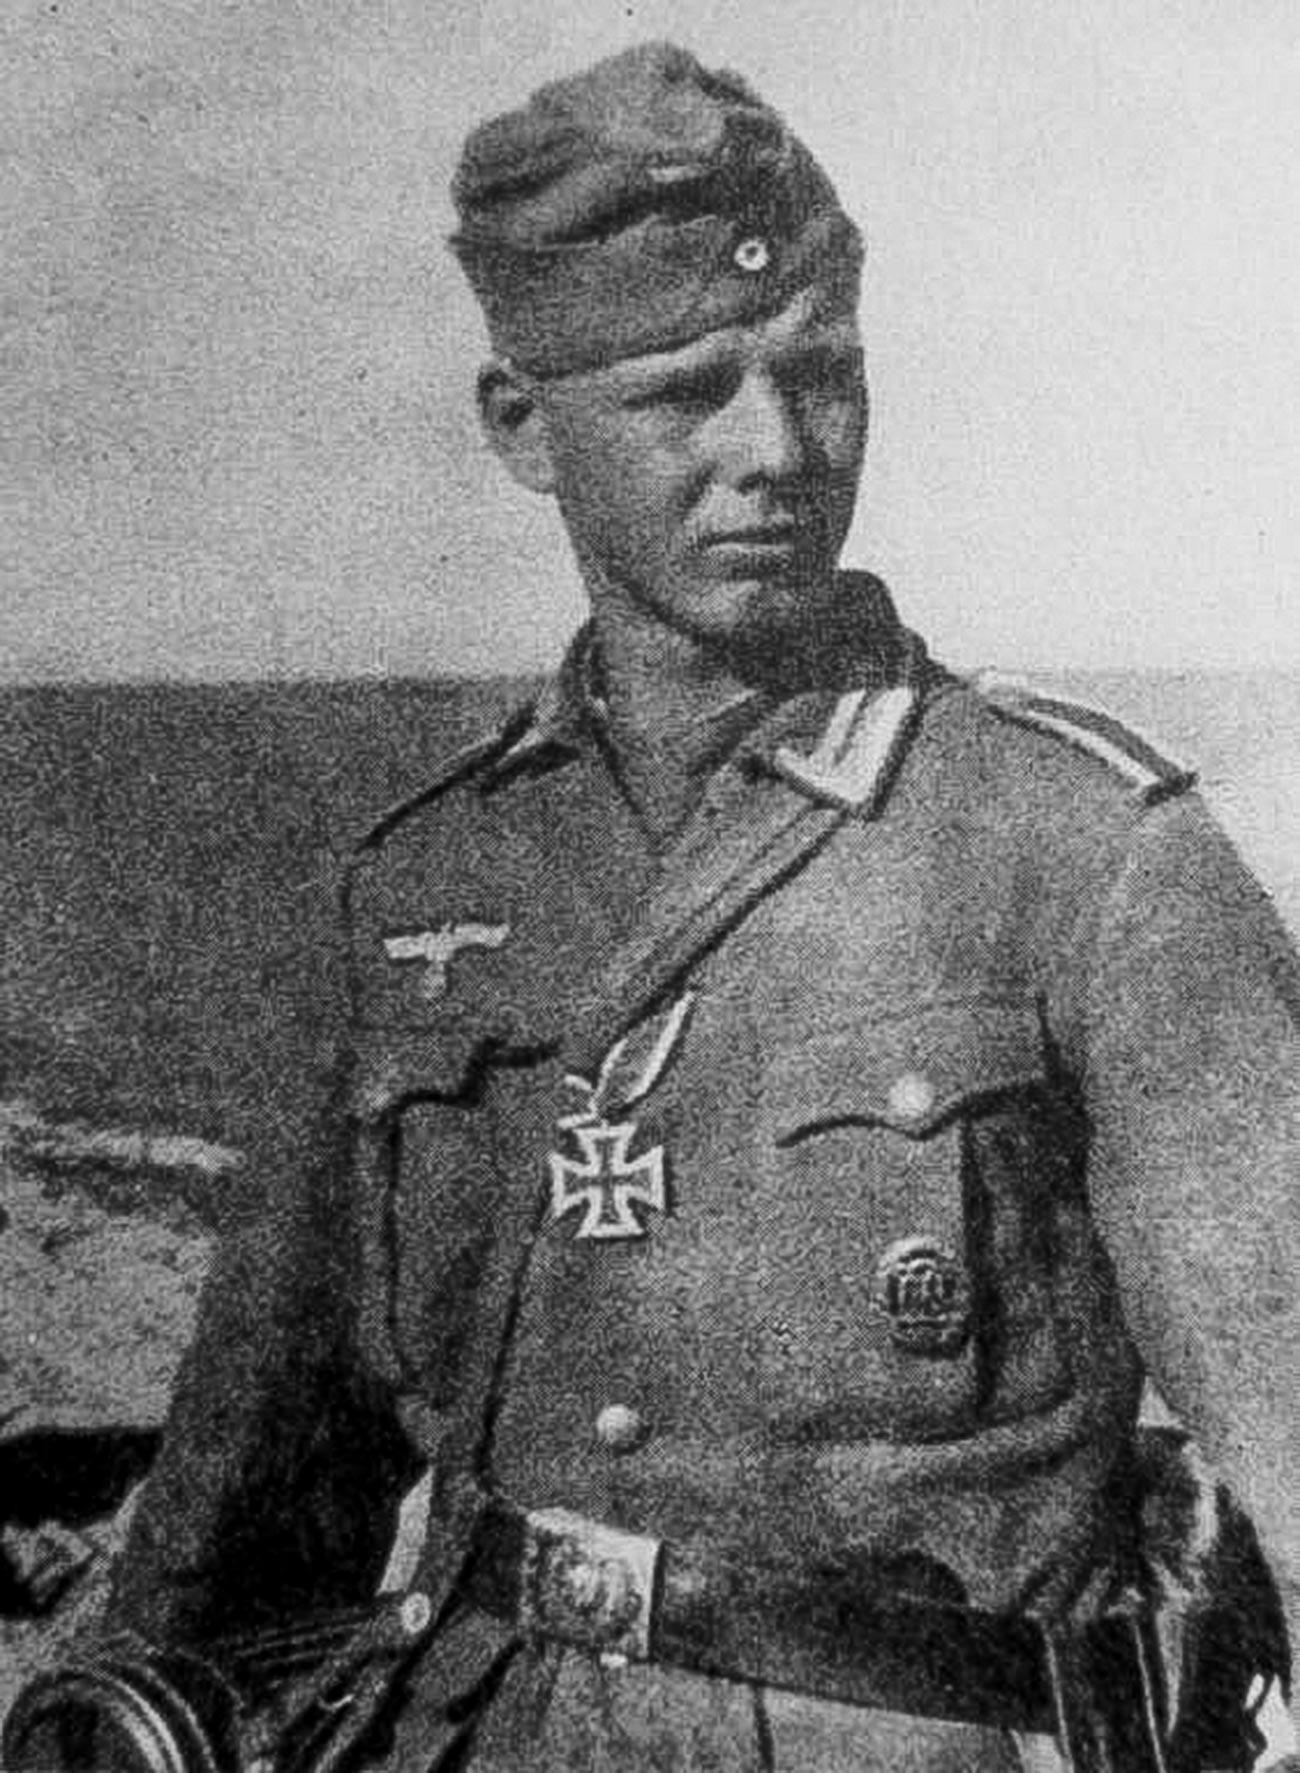 Хайнц Гитлер на Восточном фронте.